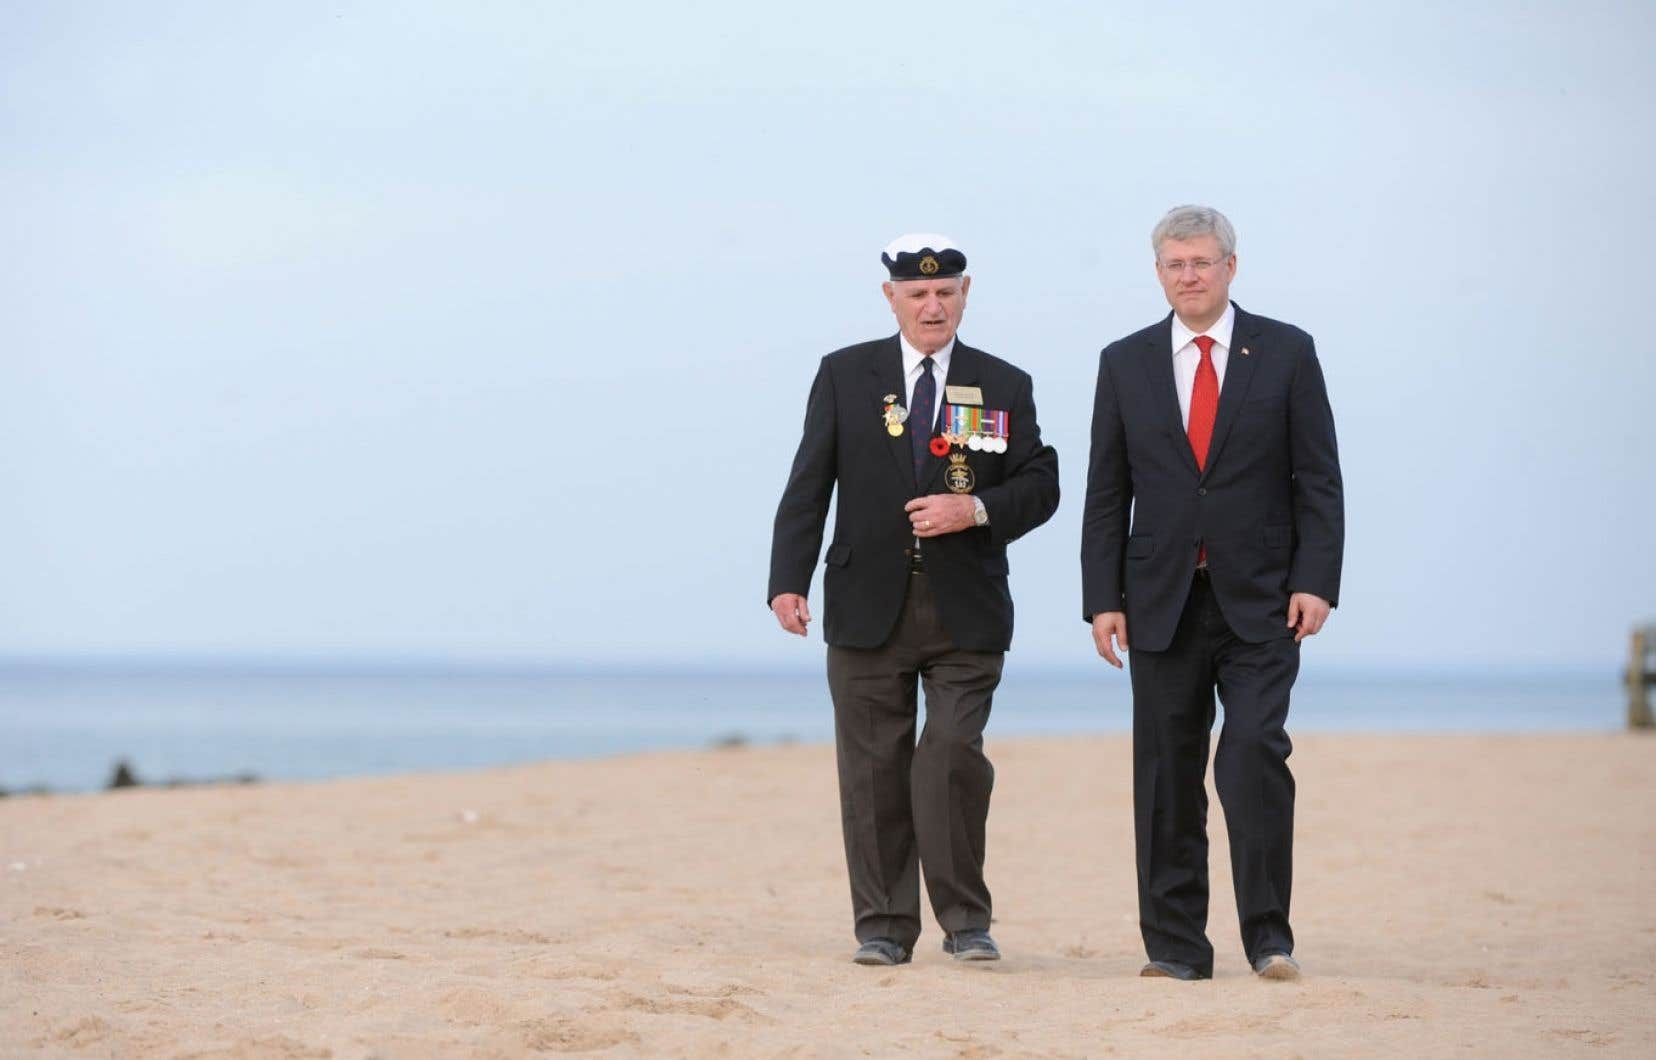 Le premier ministre Stephen Harper s'entretient avec un ancien combattant de la Deuxième Guerre mondiale lors d'une visite à Juno Beach, vendredi.